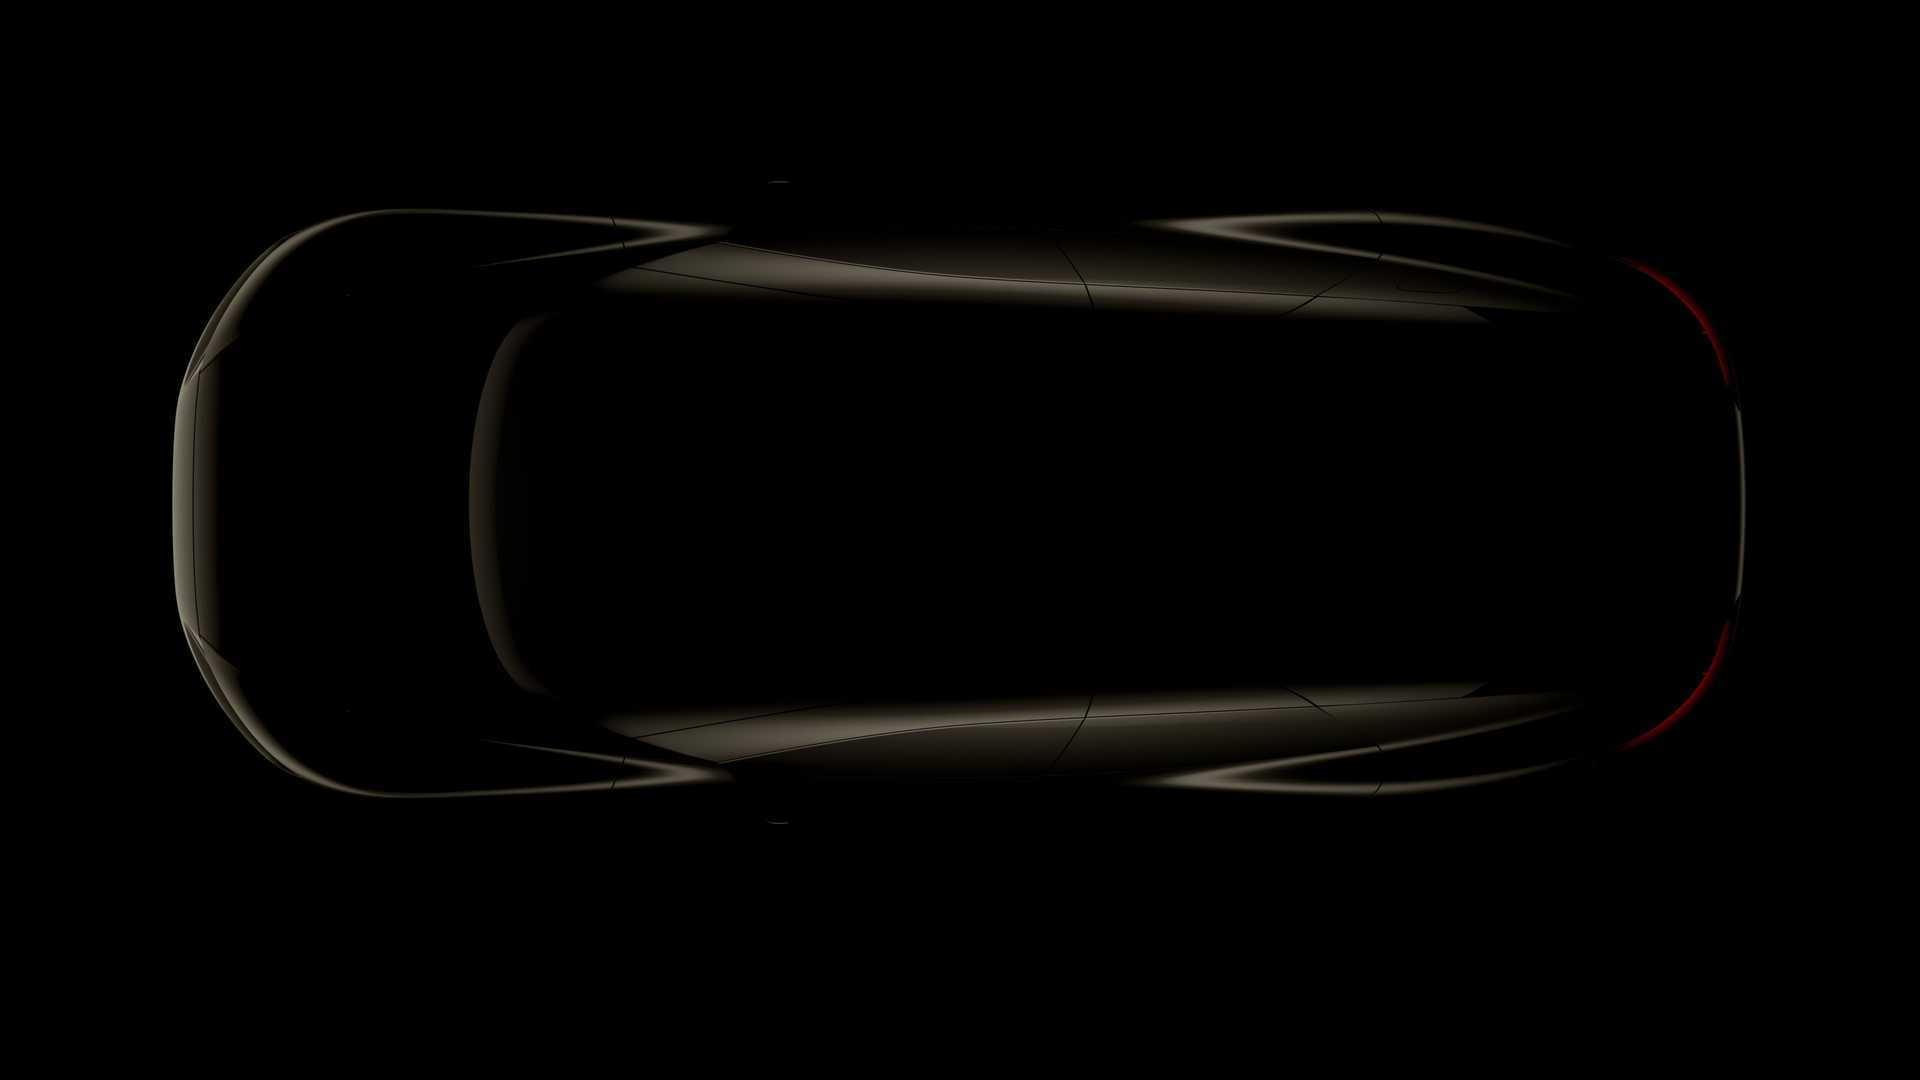 Teaser for Audi Grand Sphere concept